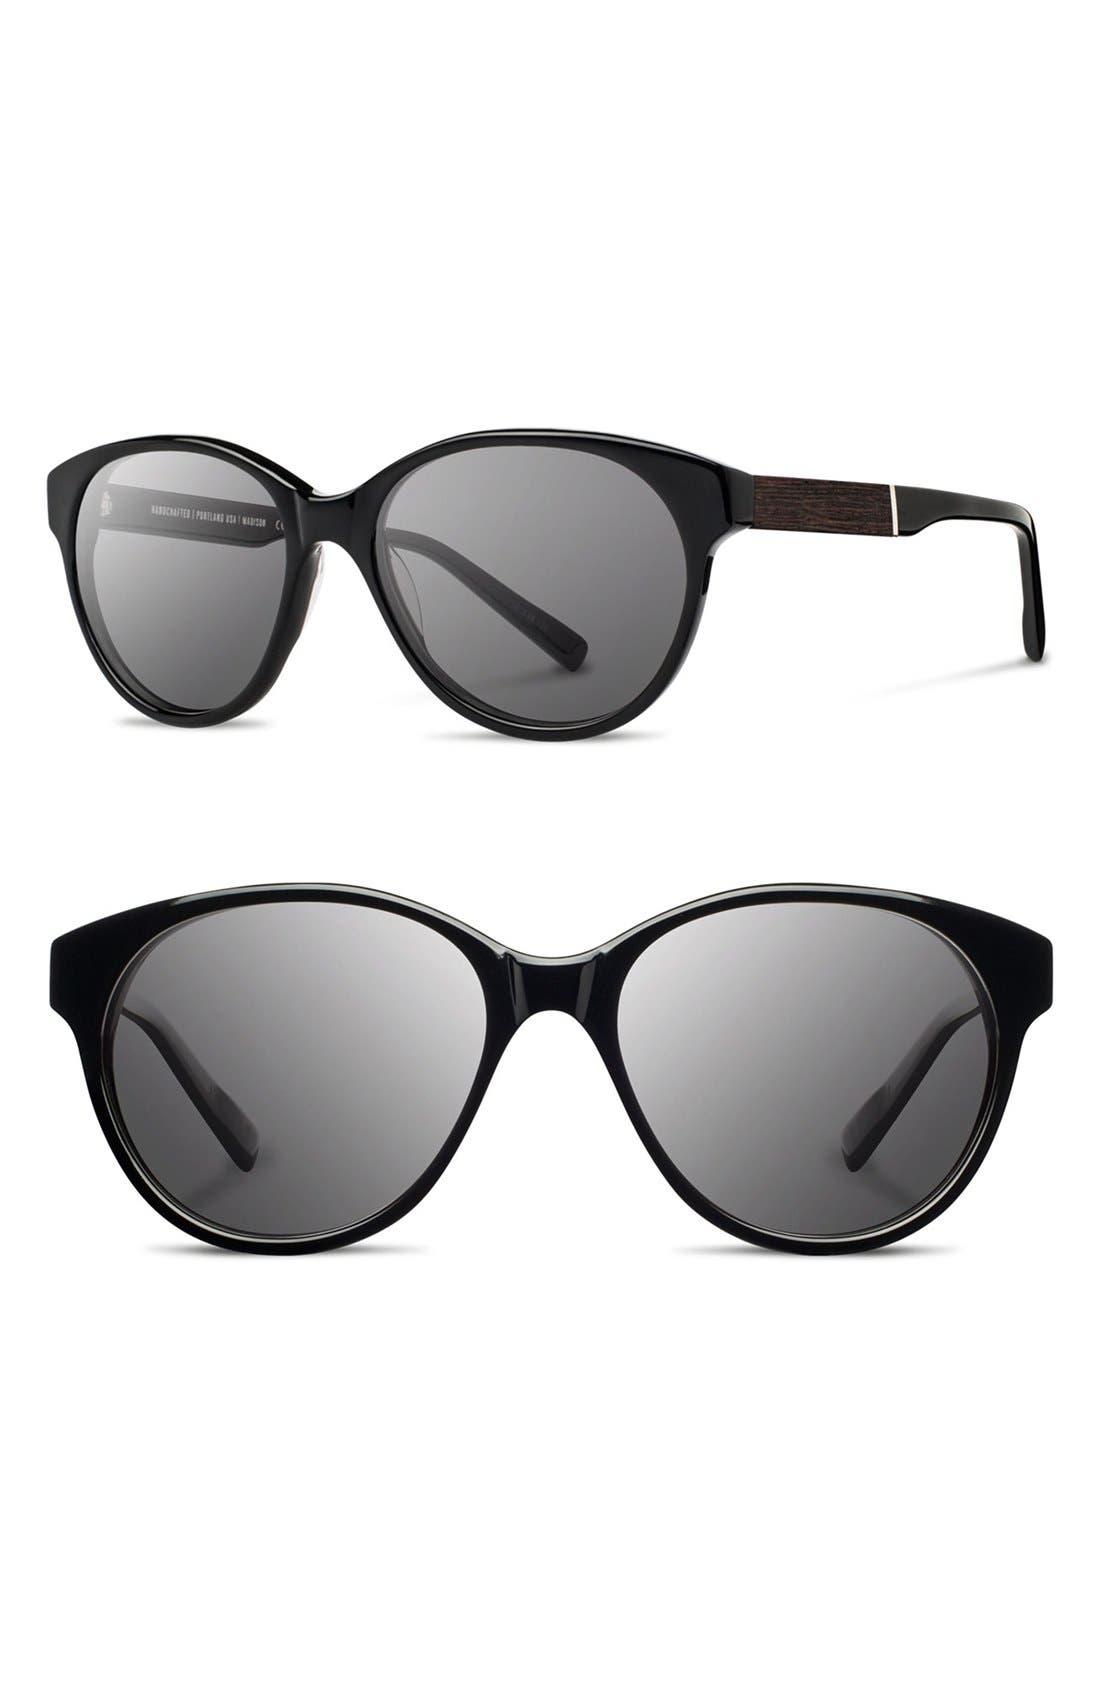 Main Image - Shwood 'Madison' 54mm Round Sunglasses